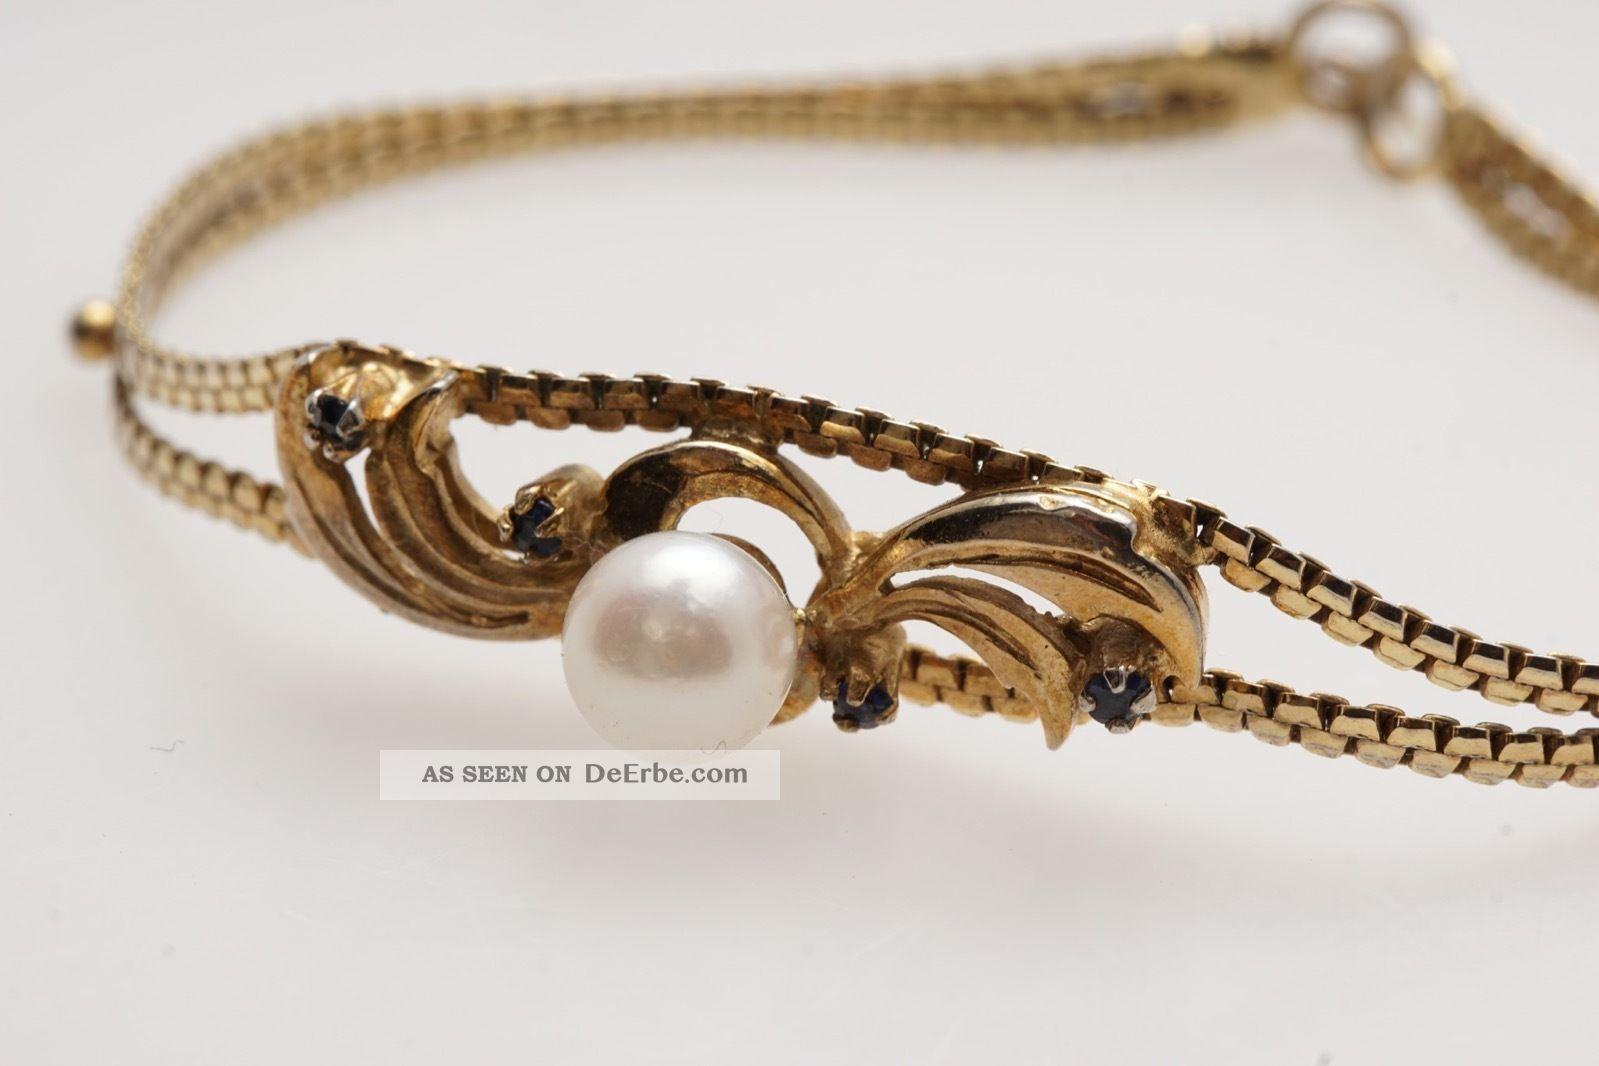 Schönes Armband Silber Vergoldet Safir Perle Schmuck nach Epochen Bild